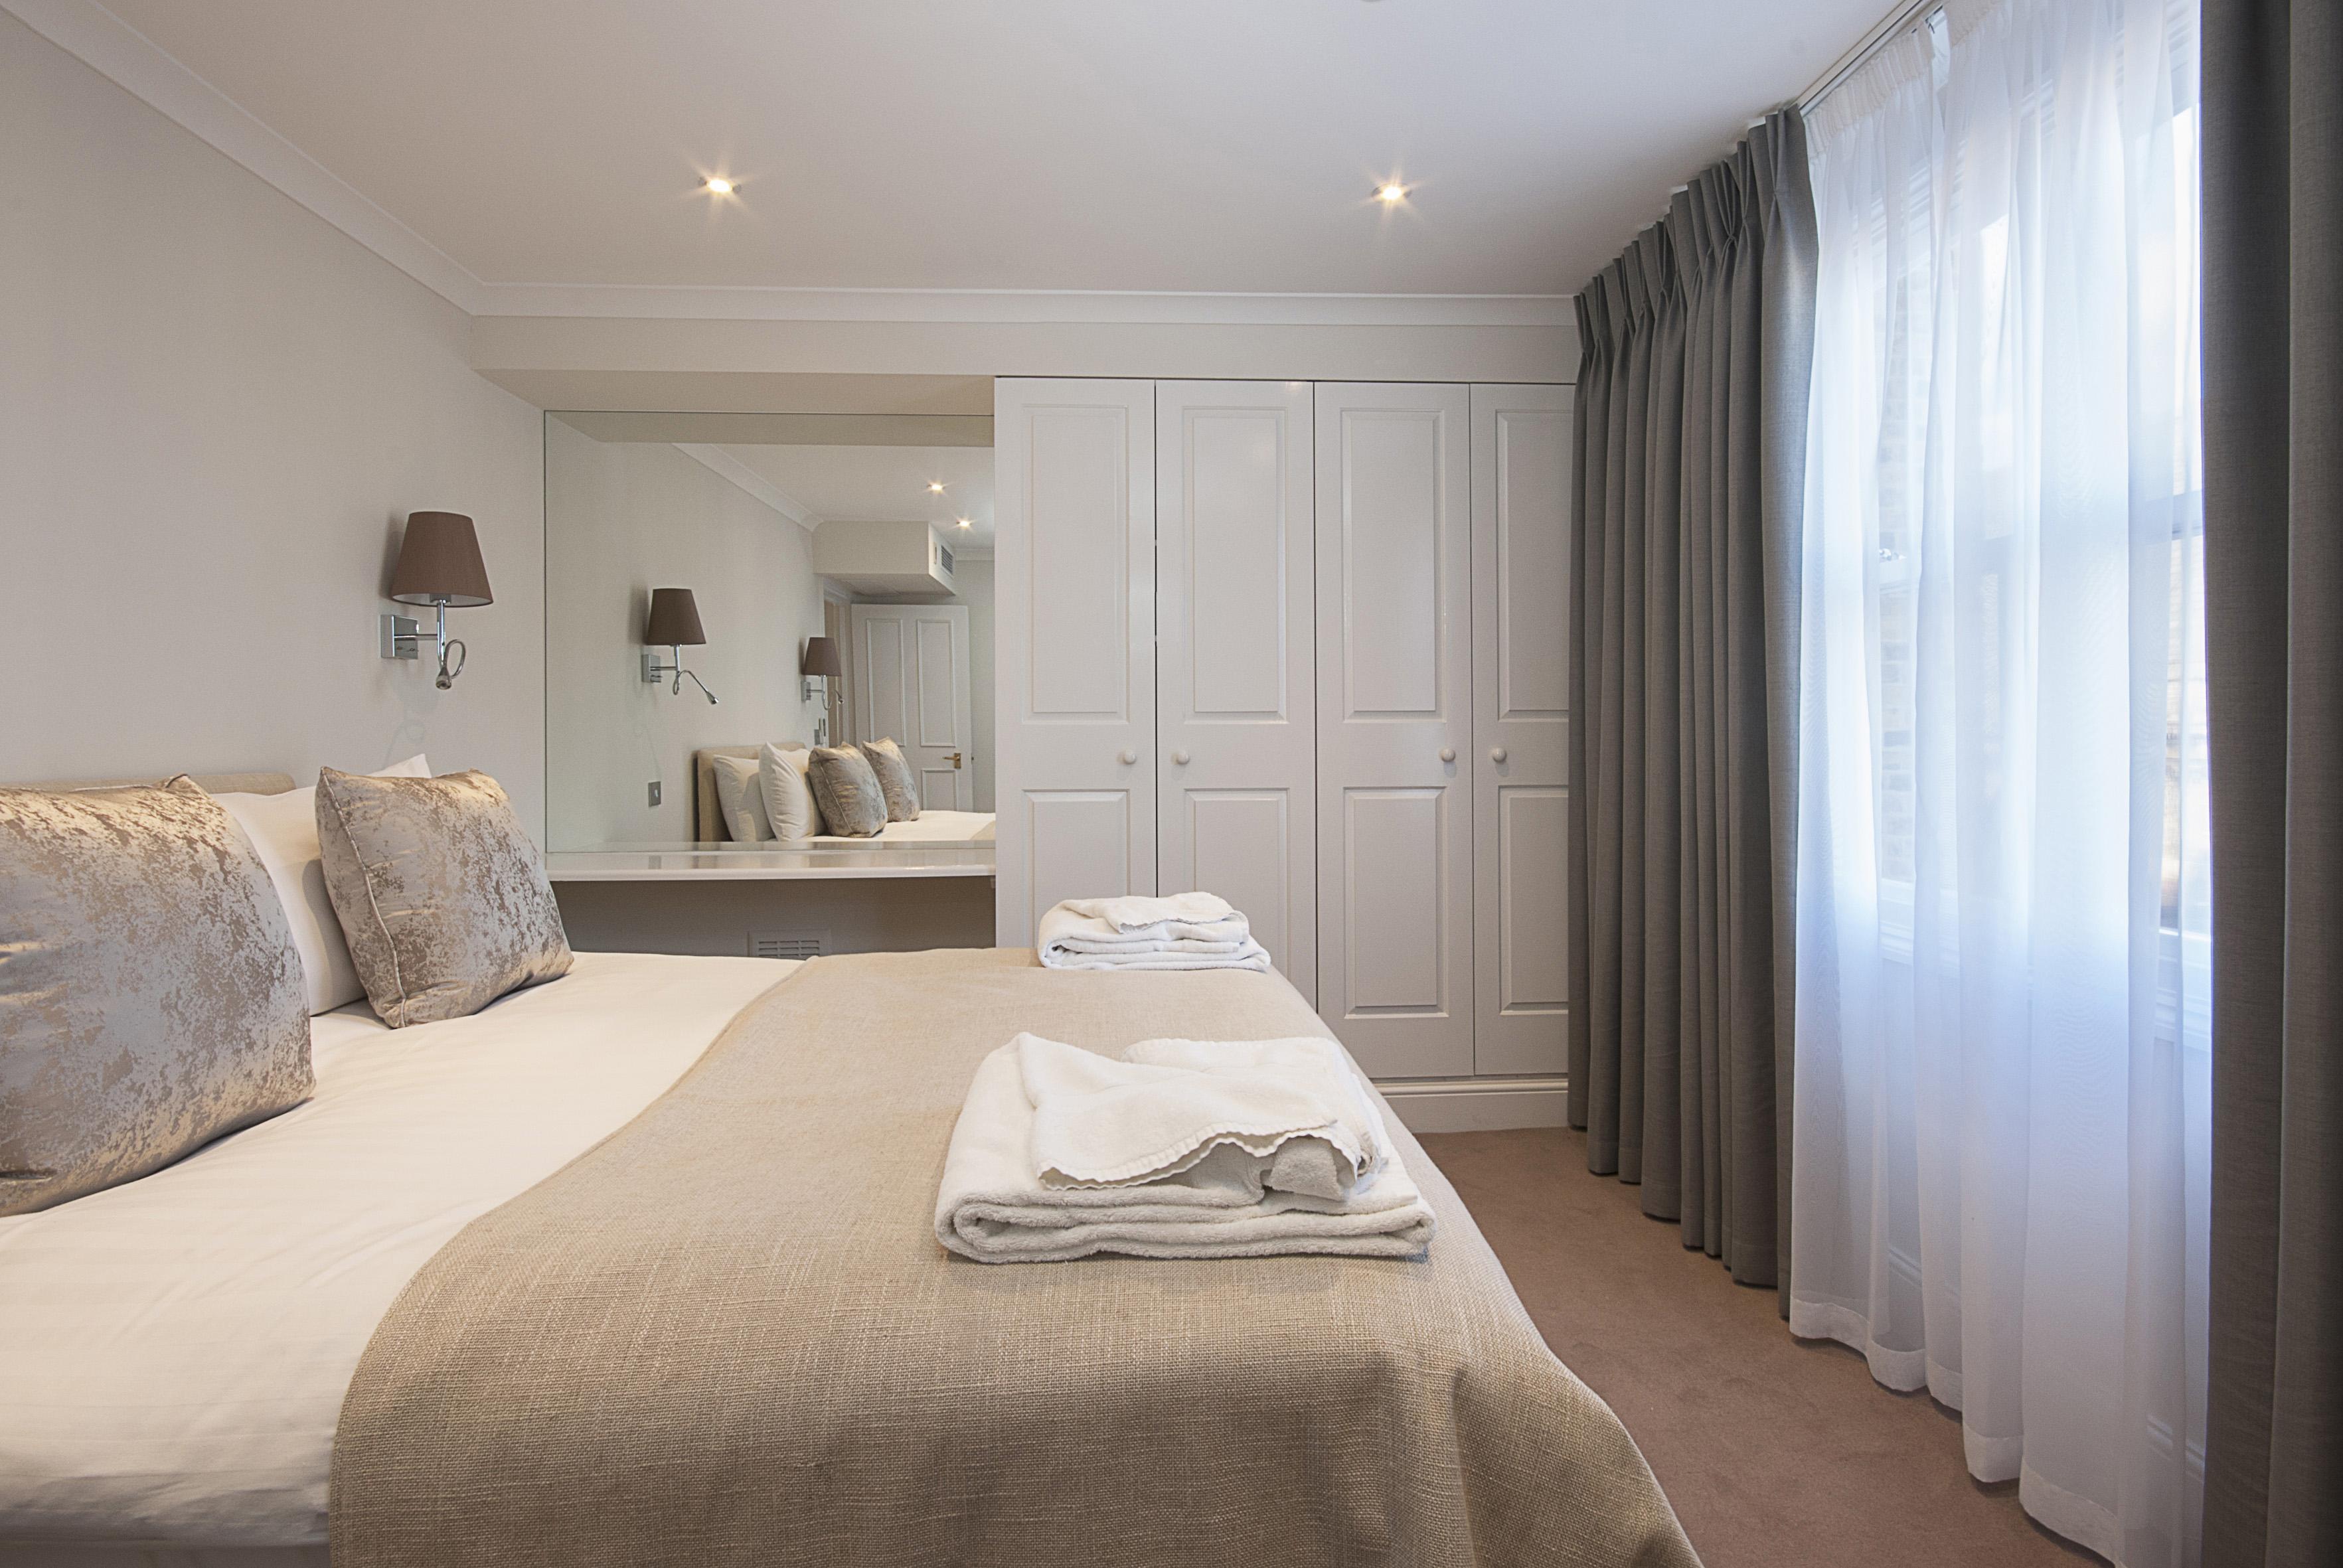 13 - Two bedroom - standard - bedroom 2